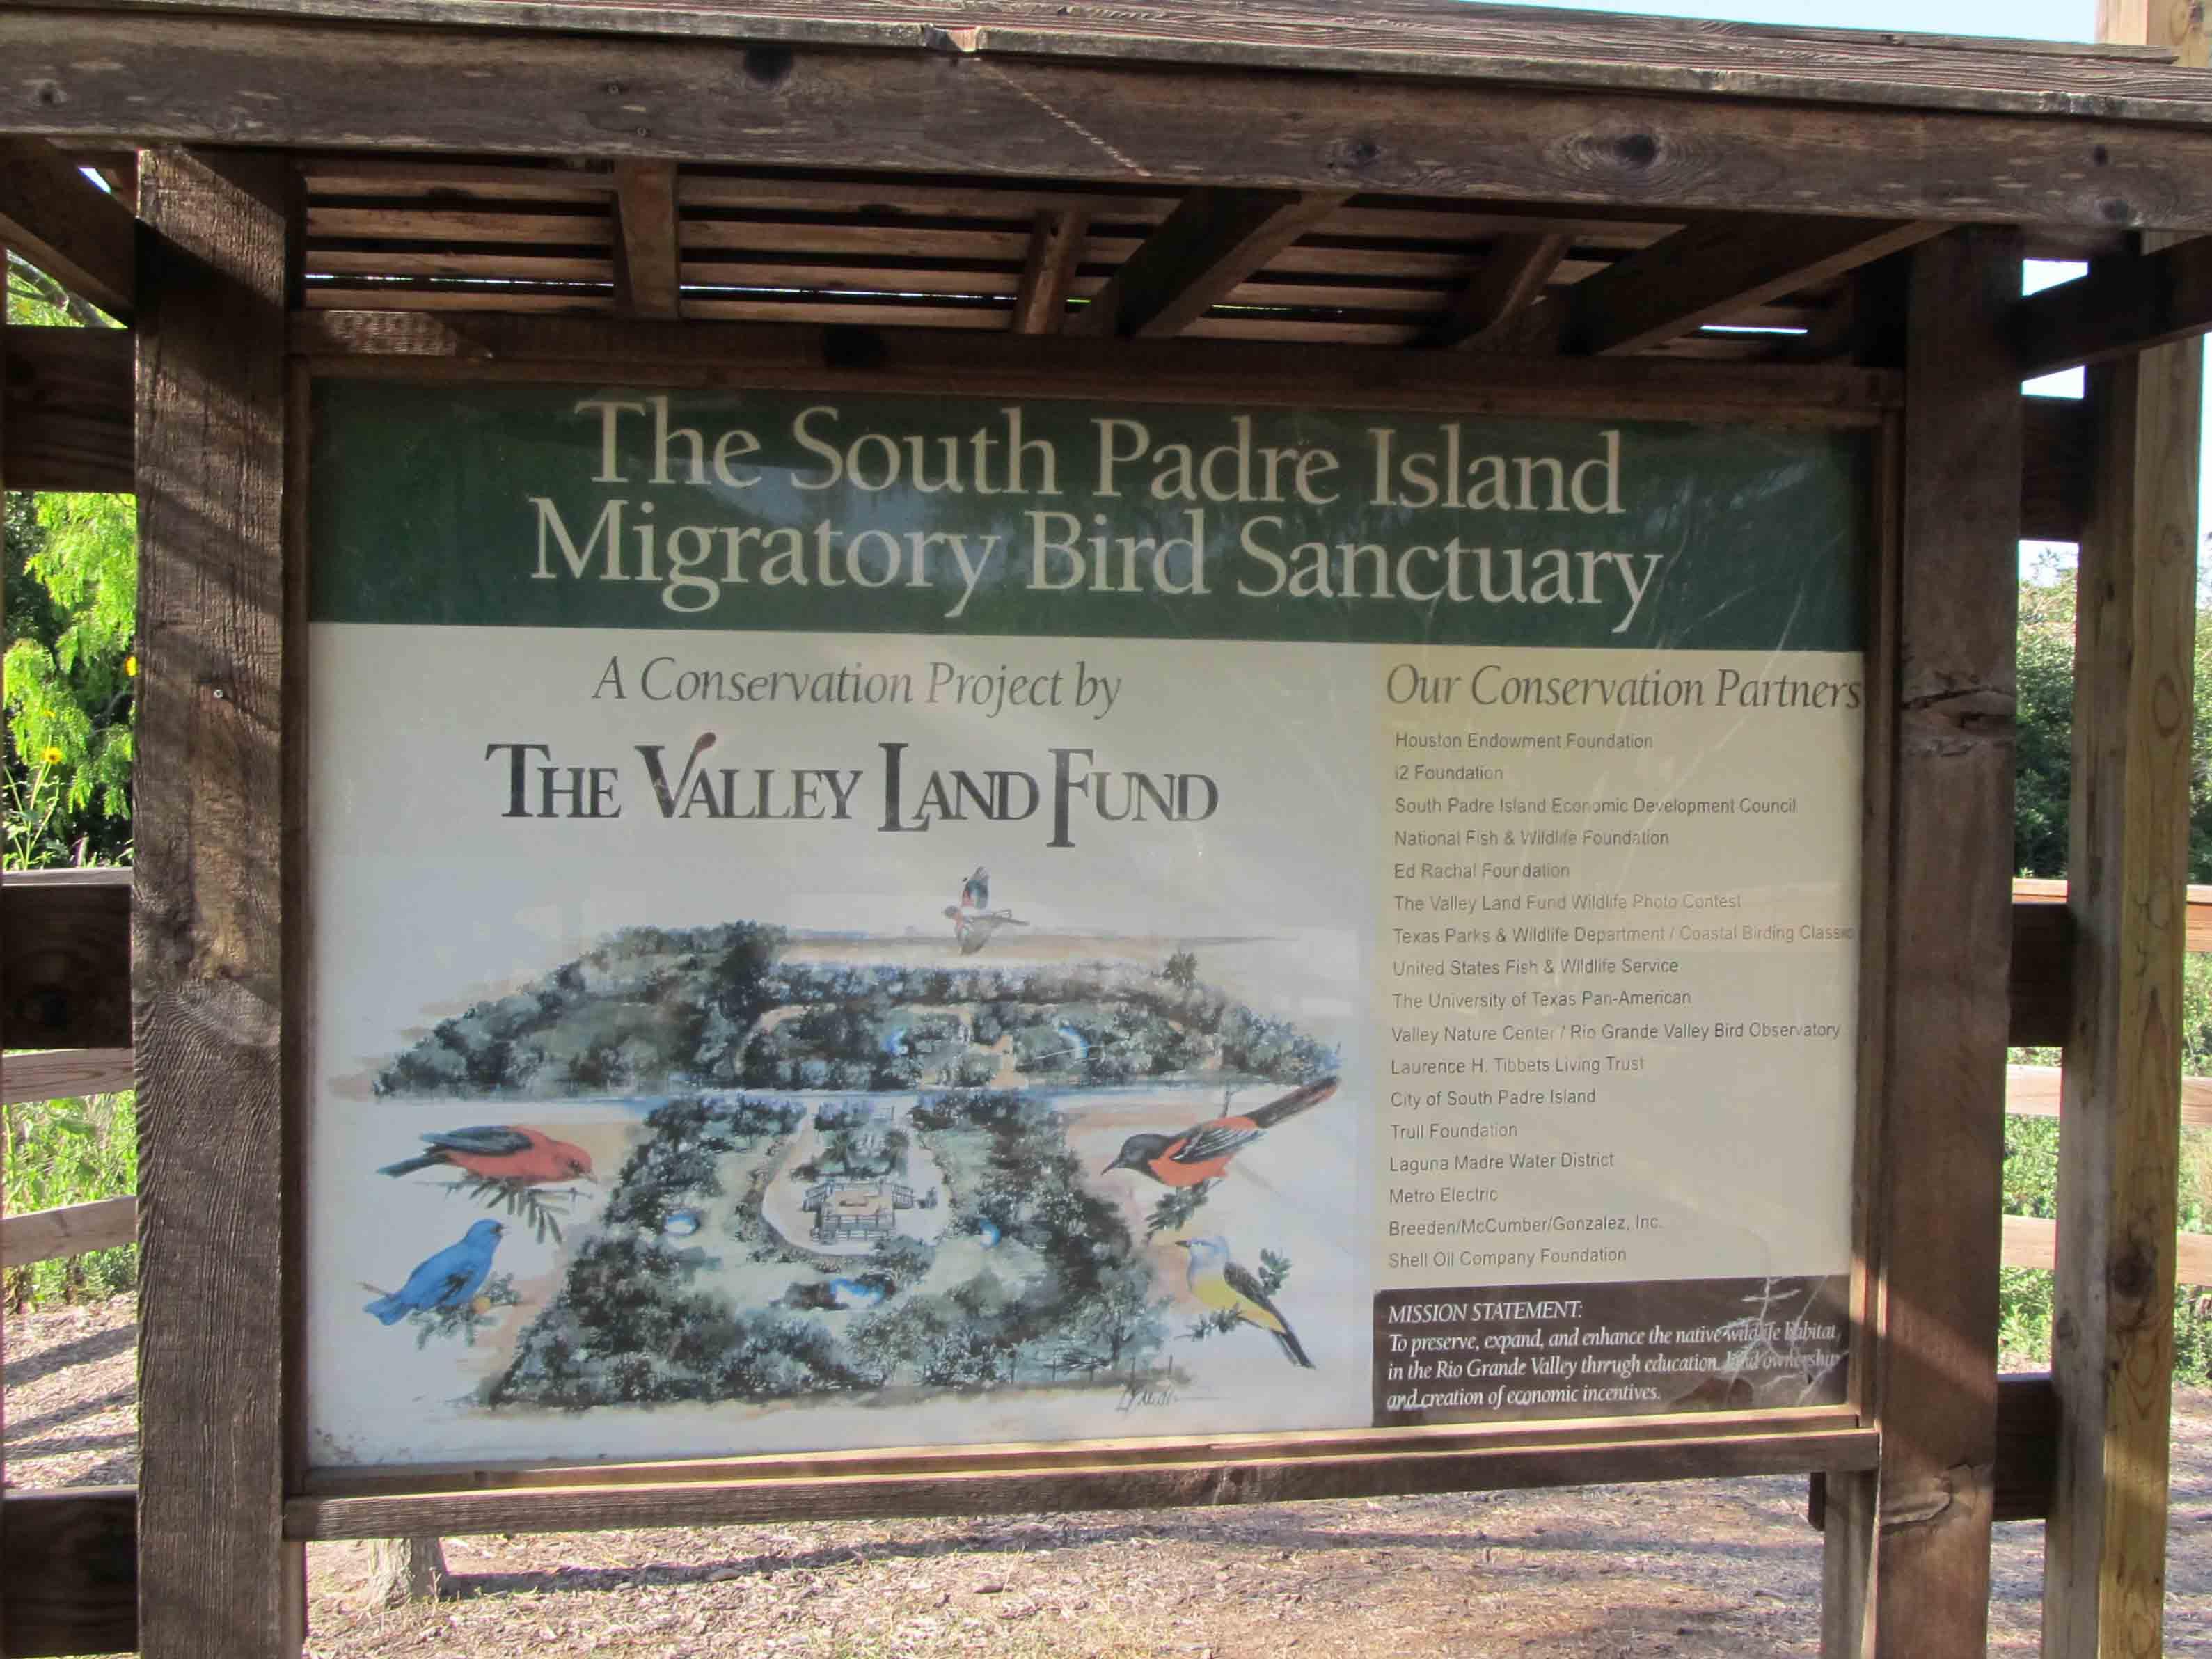 Valley Land Fund